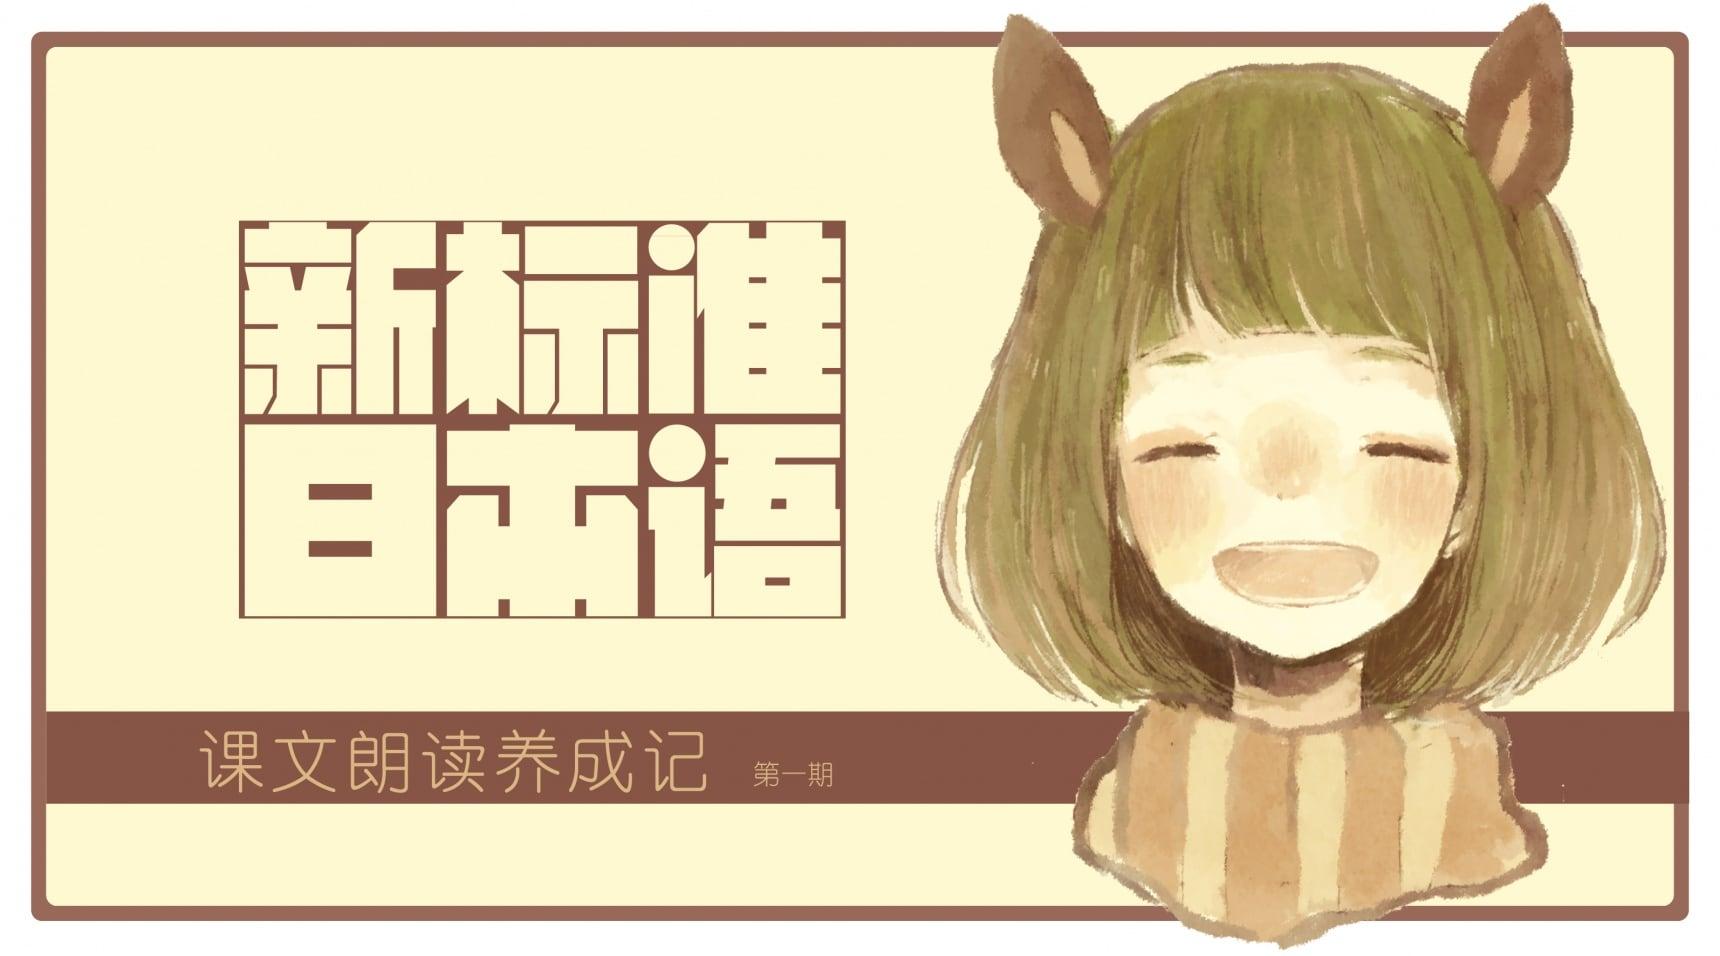 适合中国人学习的4大日语教材解析与推介